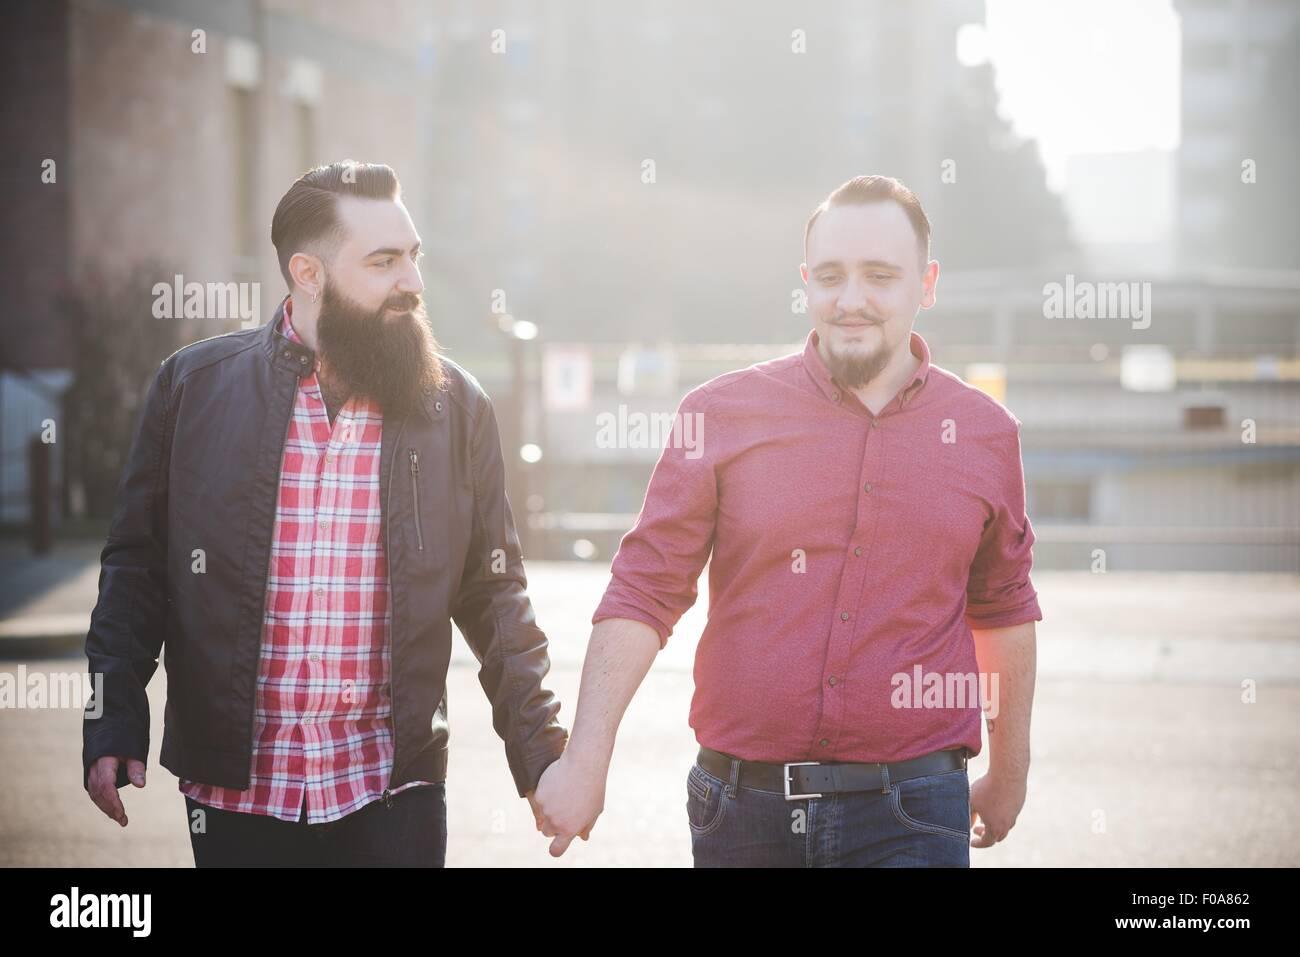 Coppia gay camminando mano nella mano su strada Immagini Stock